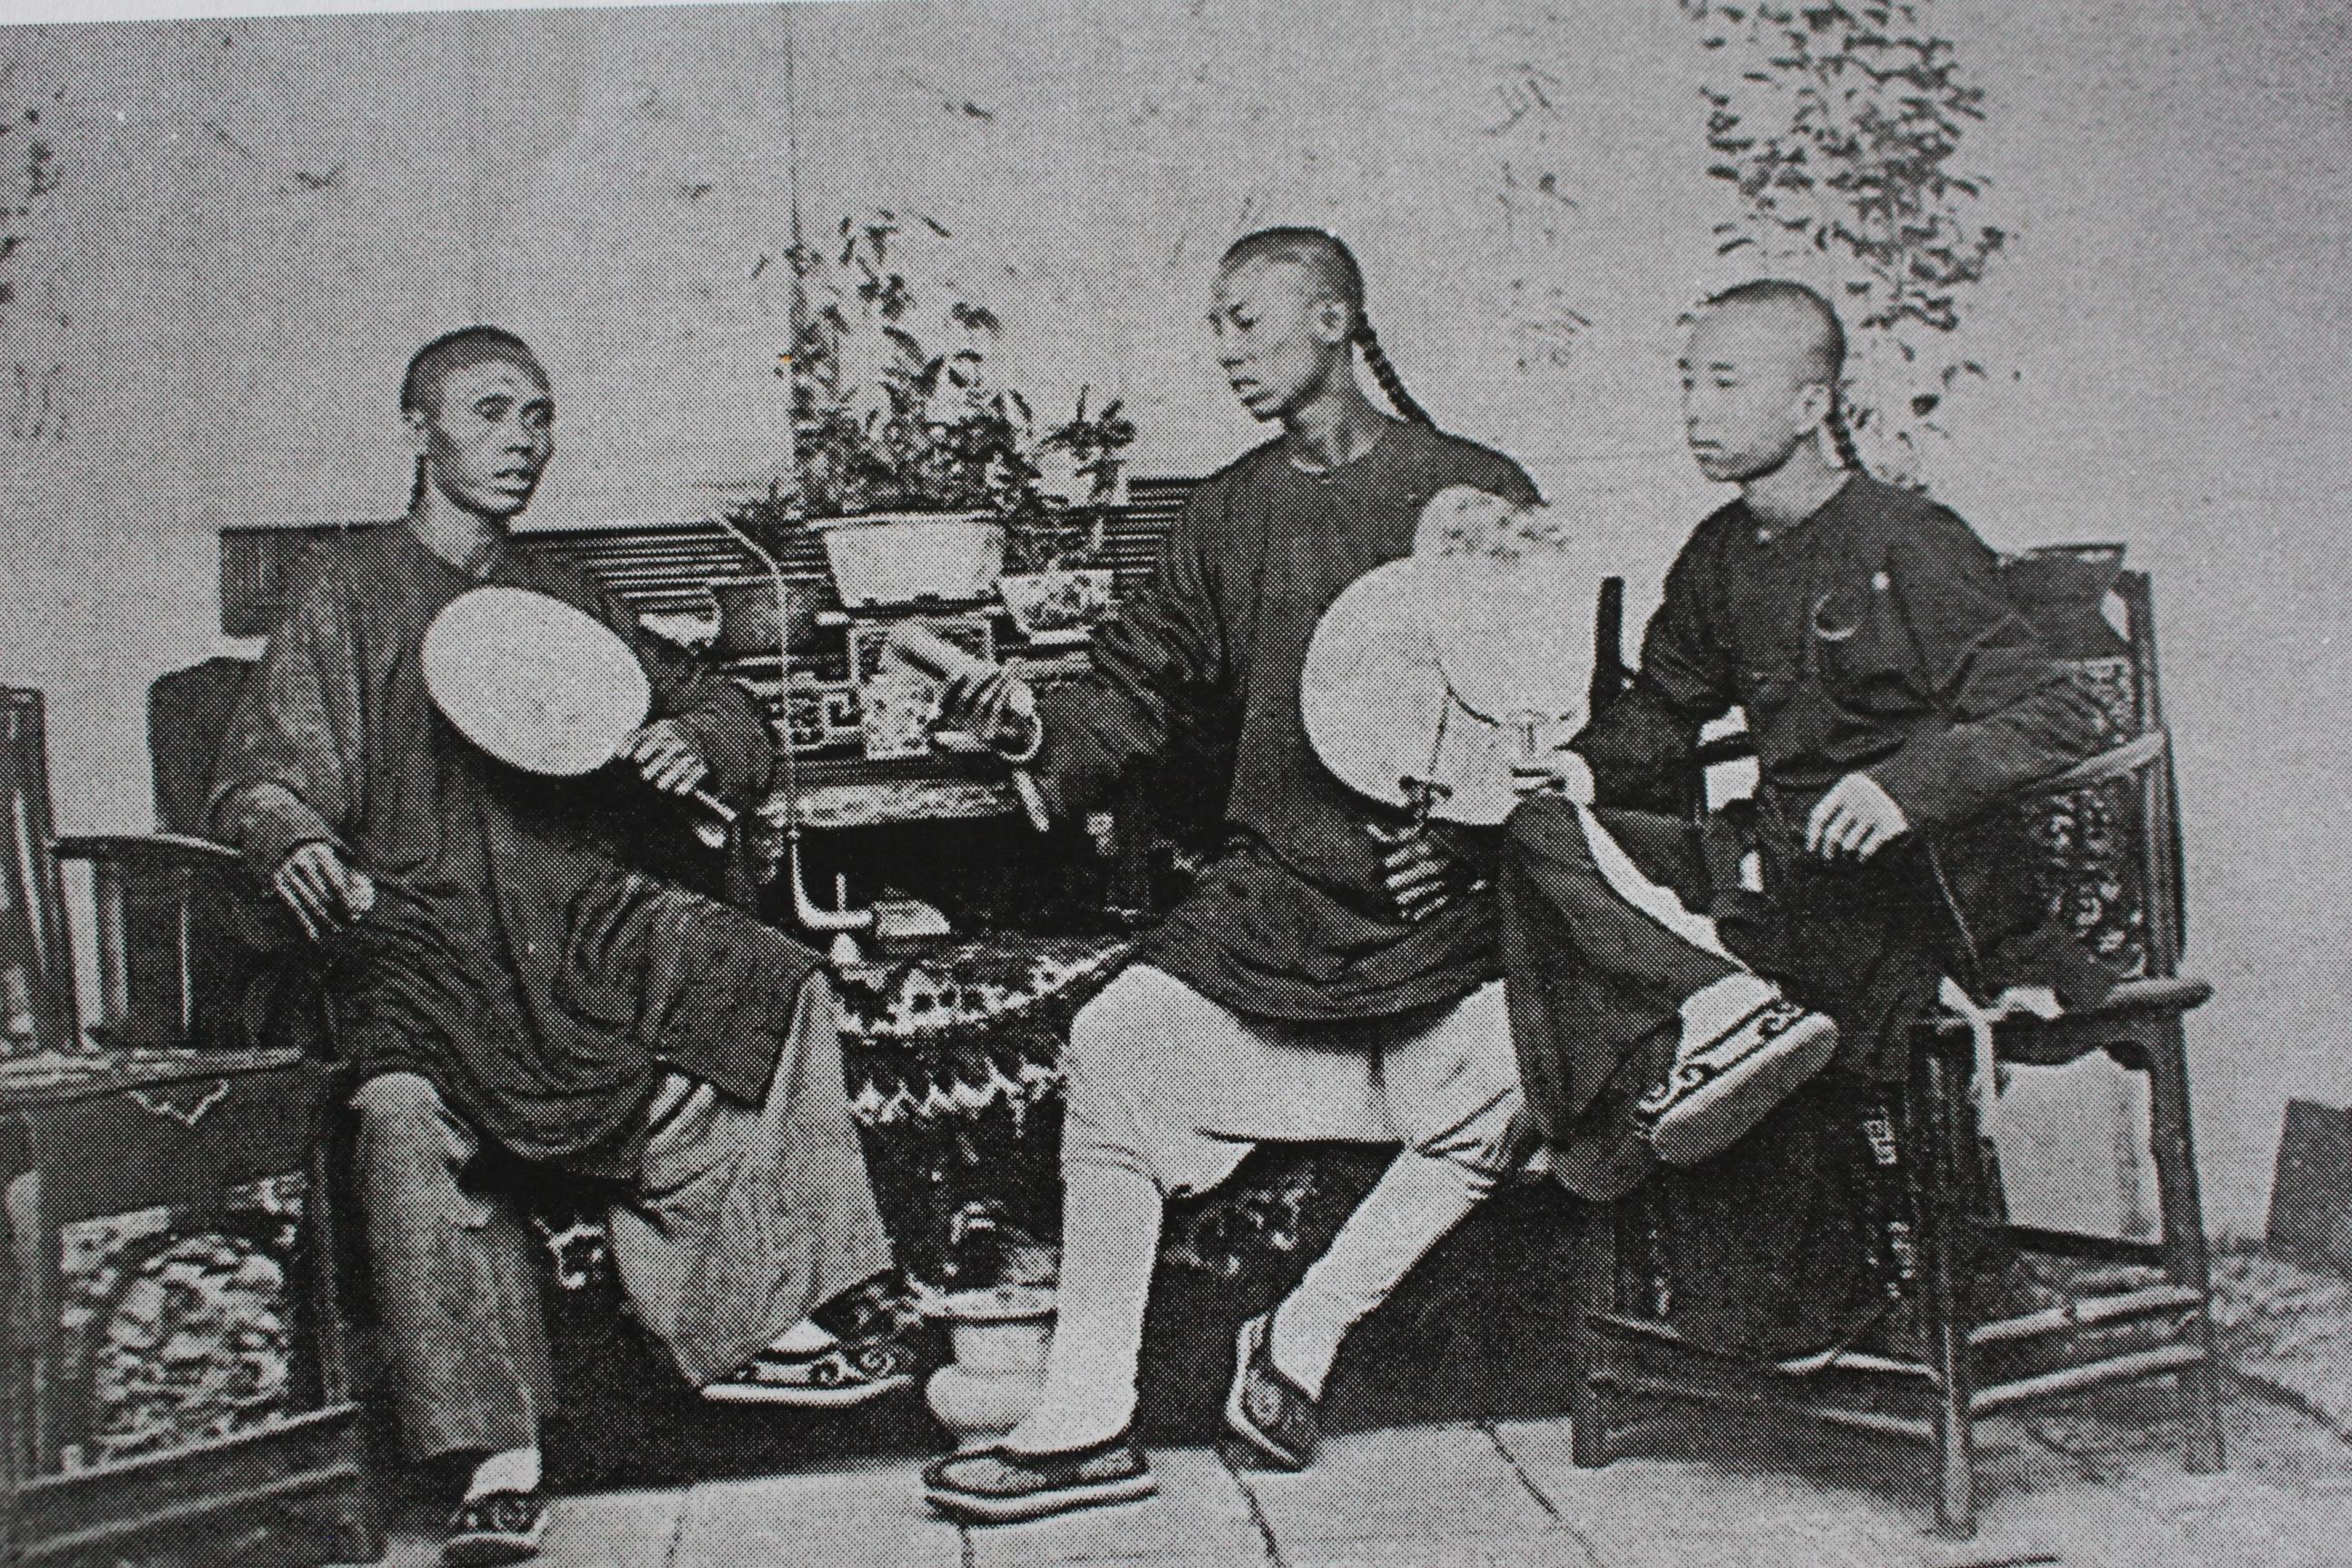 Trois jeunes chinois assis chez eux dans les années 1970. Crédit John Hall.